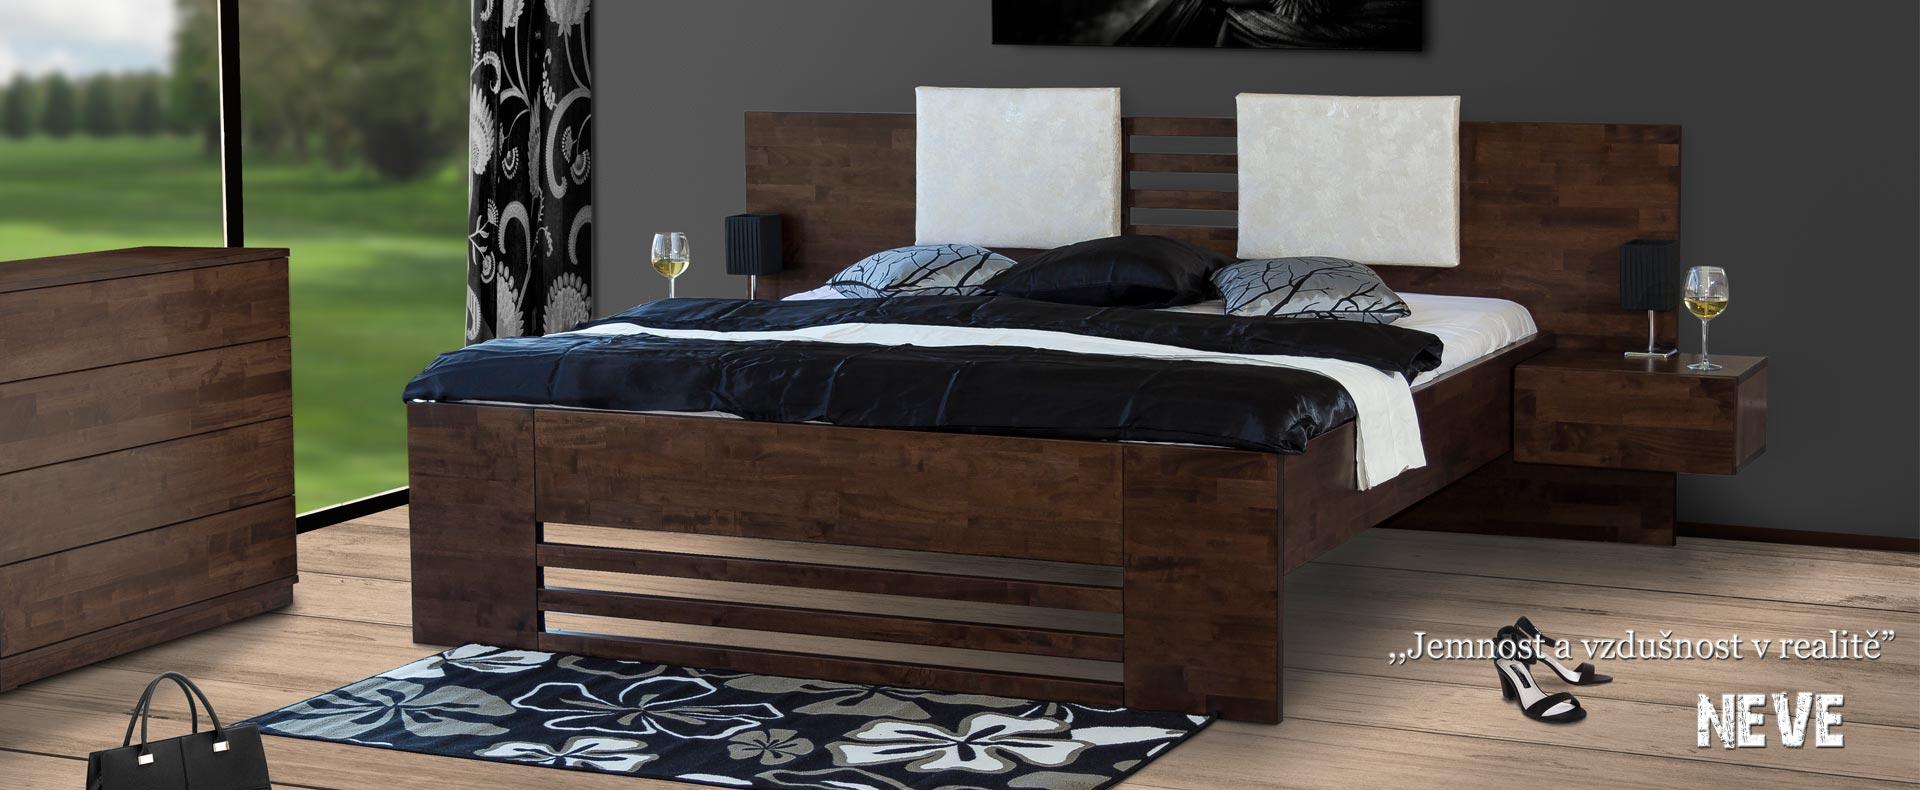 Postel NEVE s vyšší lehací plochou nabídne příjemné vstávání.